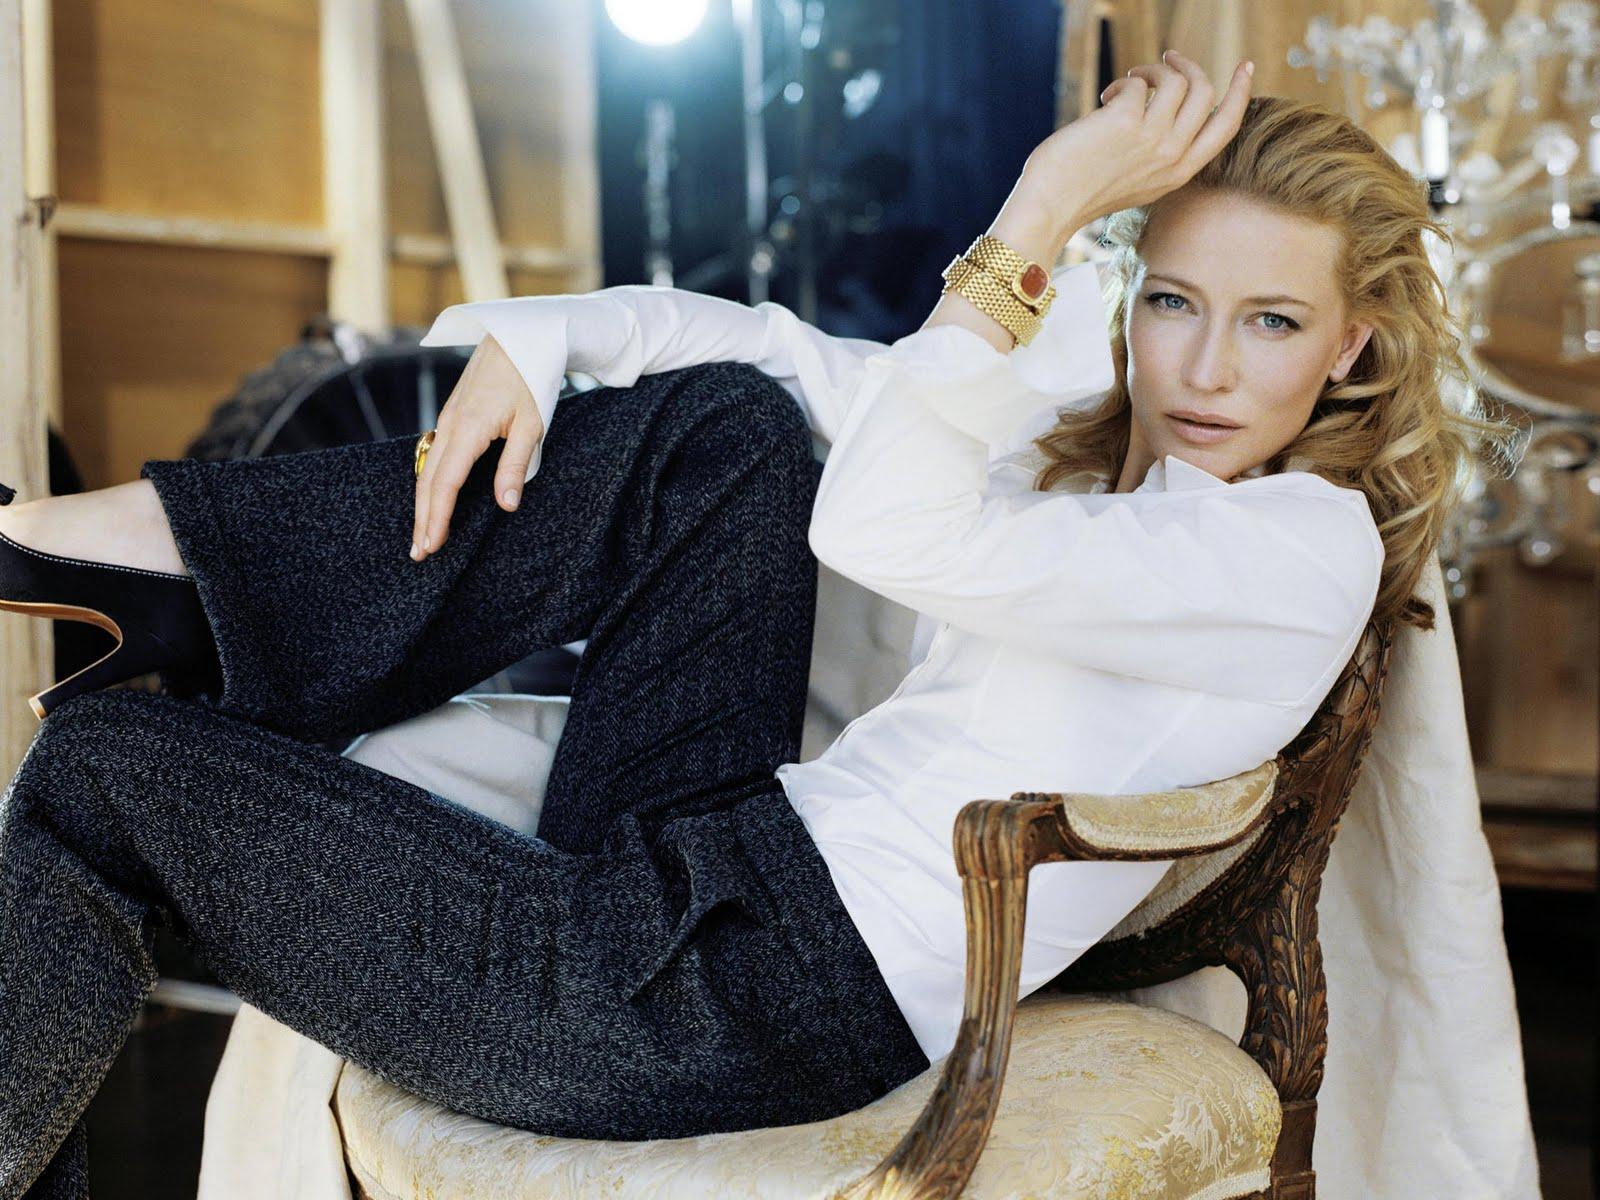 http://3.bp.blogspot.com/_Si7zjQmZnm4/SpYQEU1pglI/AAAAAAAAEw8/gsKD5my7zHc/s1600/Fullwalls.blogspot.com_Cate_Blanchett%2854%29.jpg